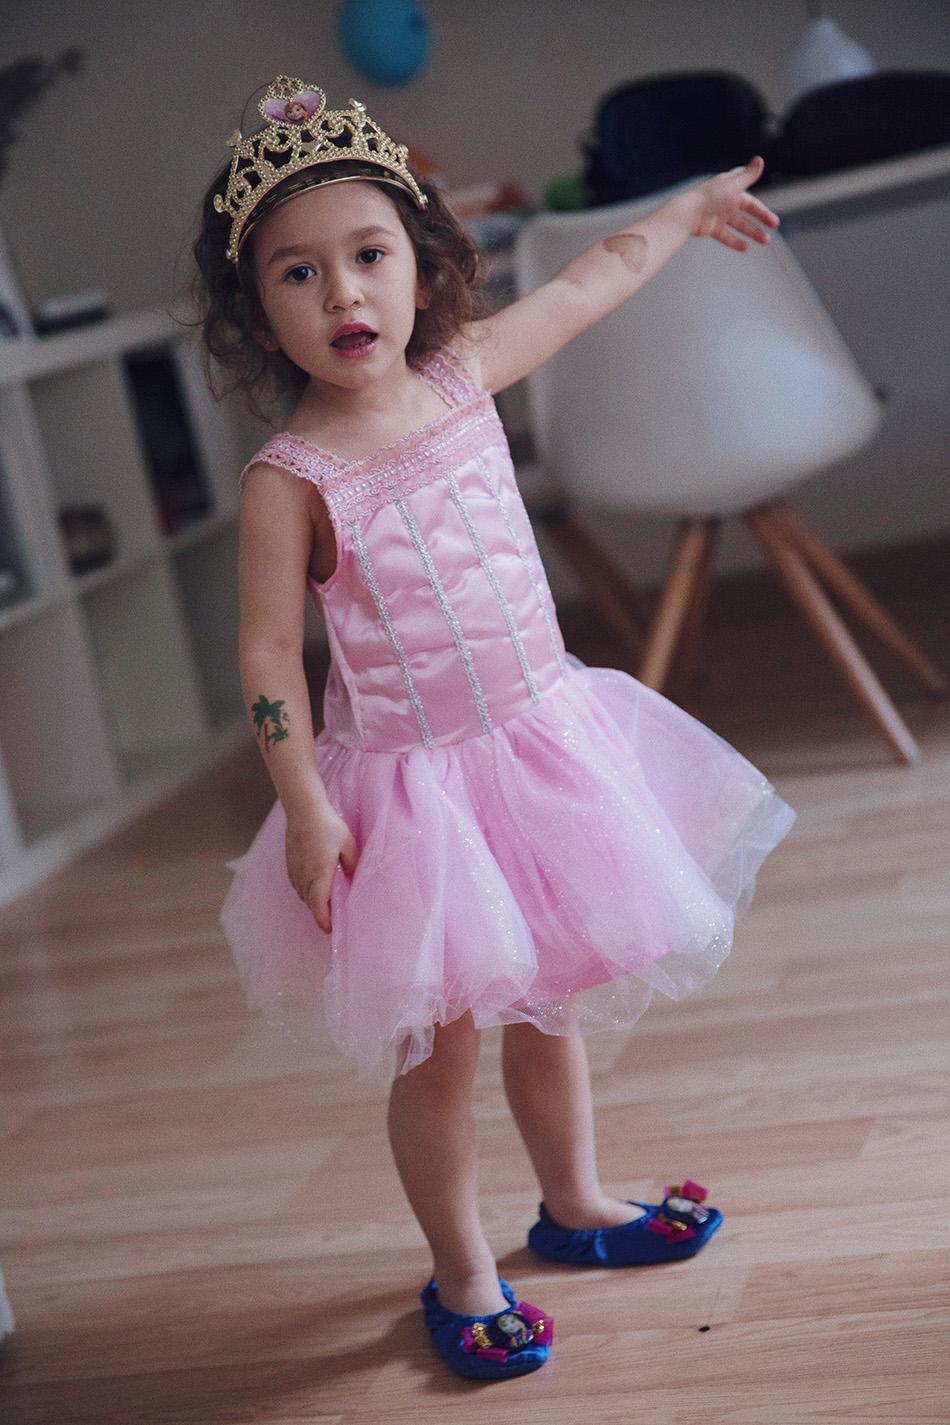 Chloé / Disfraz de bailarina